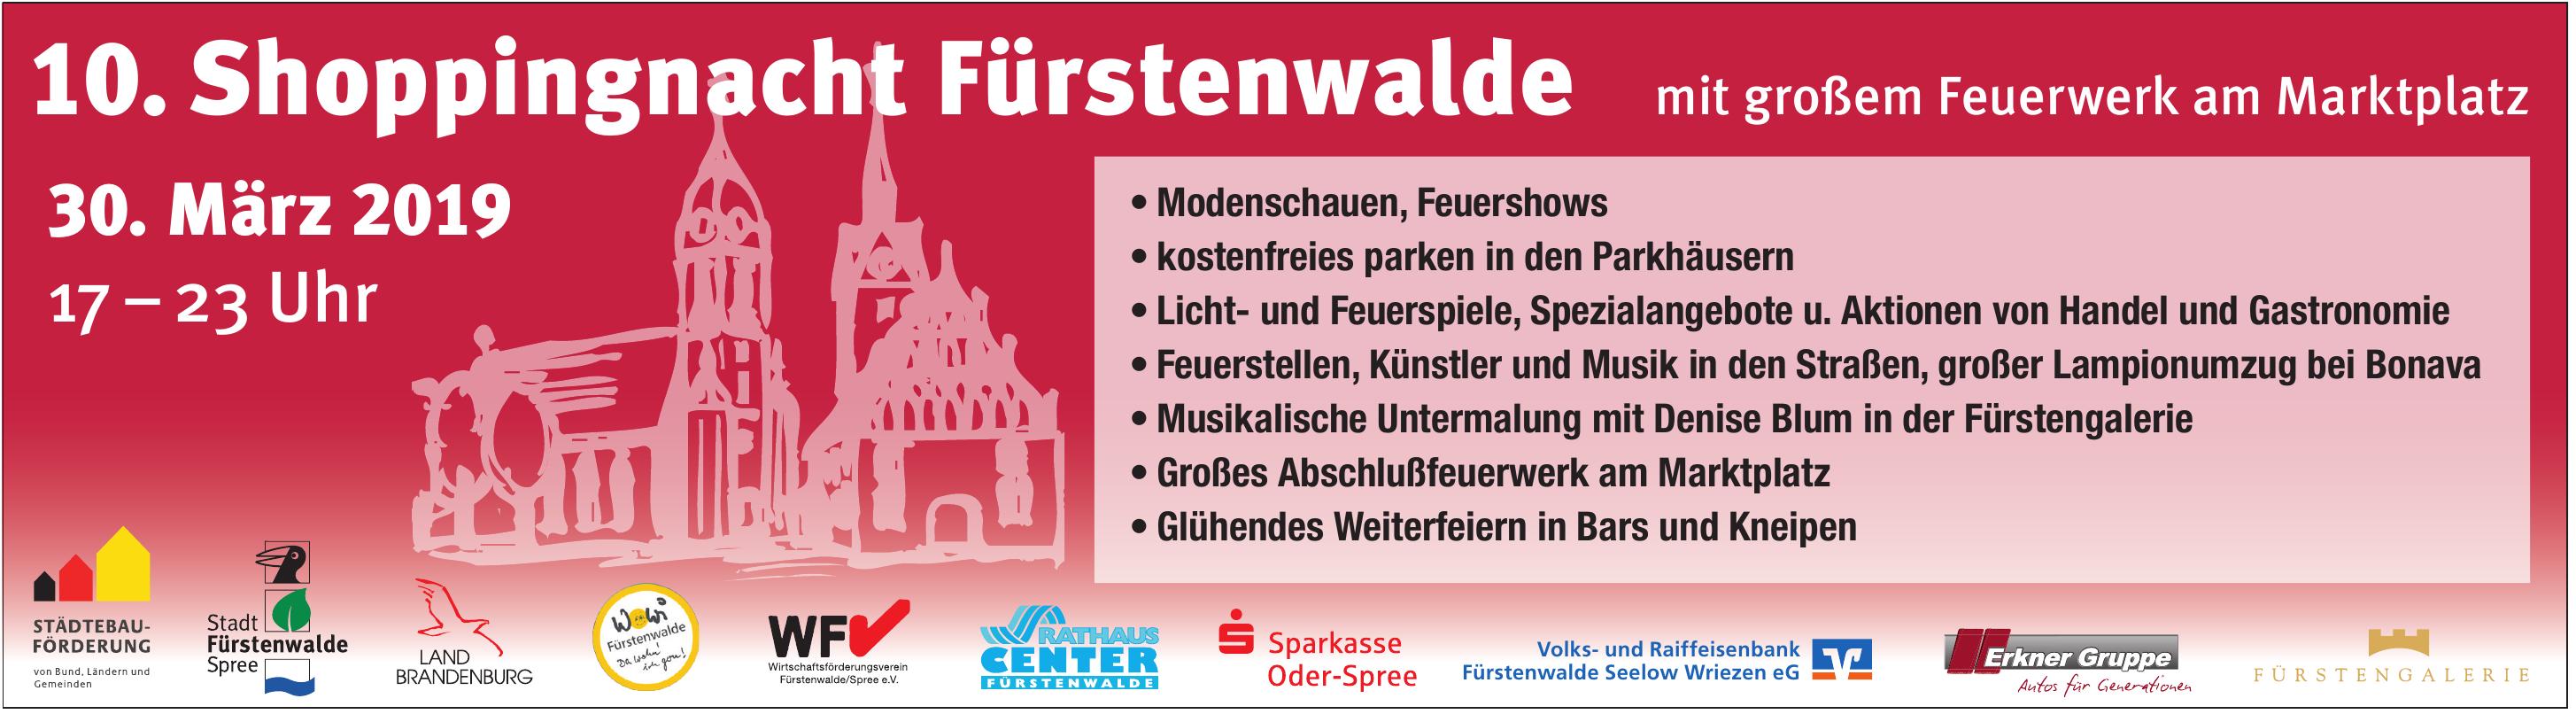 10. Shoppingnacht Fürstenwalde